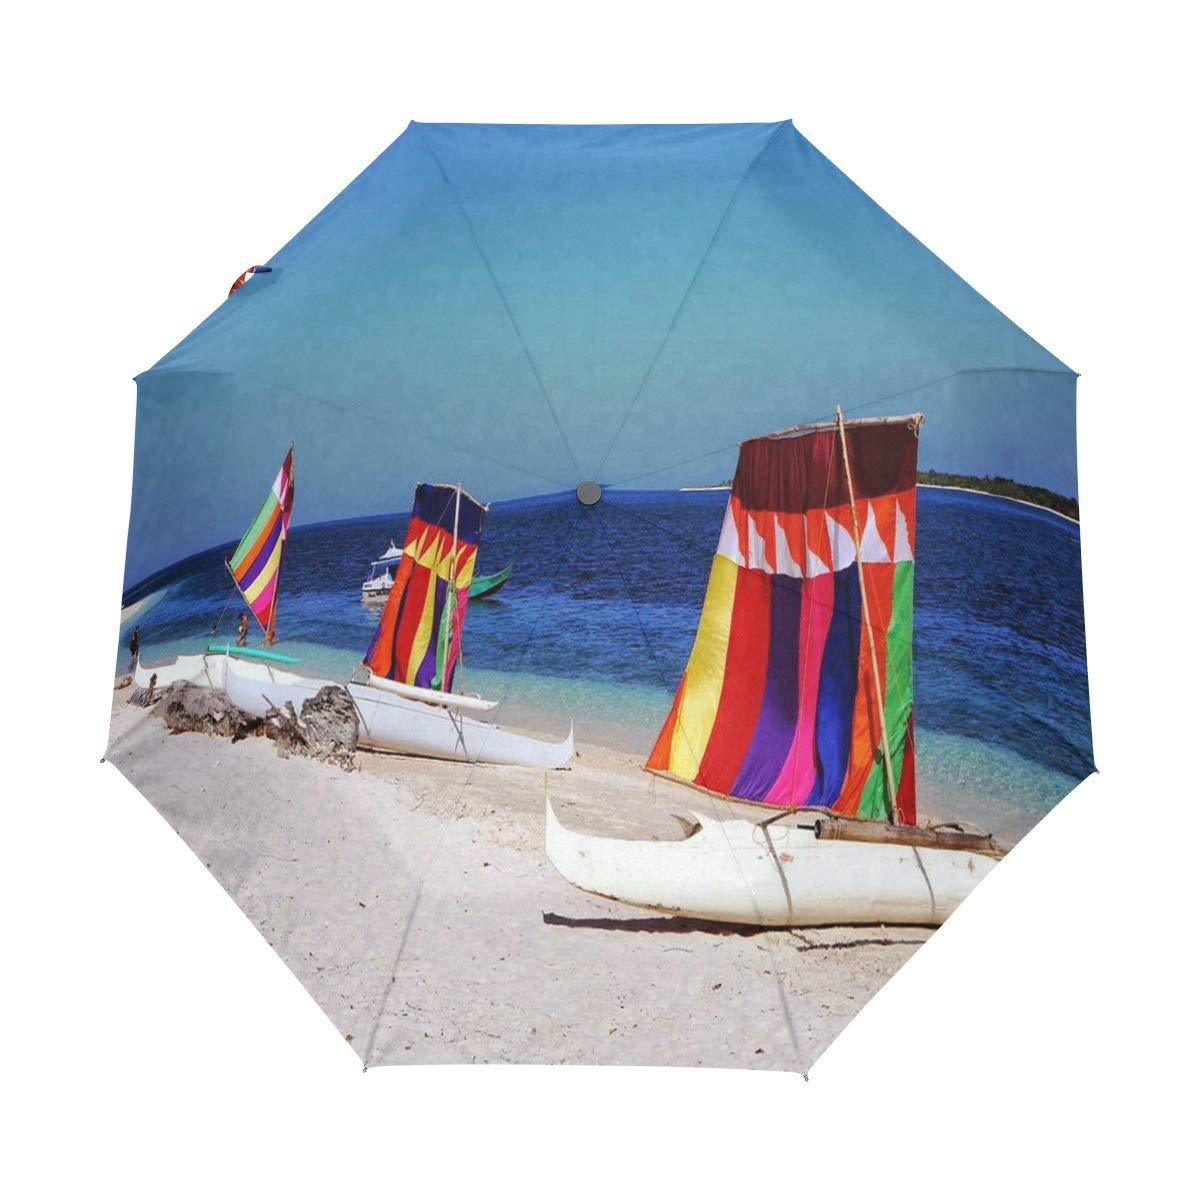 OuLian 傘 多額 ゴルフ 旅行 太陽 雨 防風 自動傘 UV保護 女の子用 男の子 子供用 B07QTZNSGV パターン4 37.8\